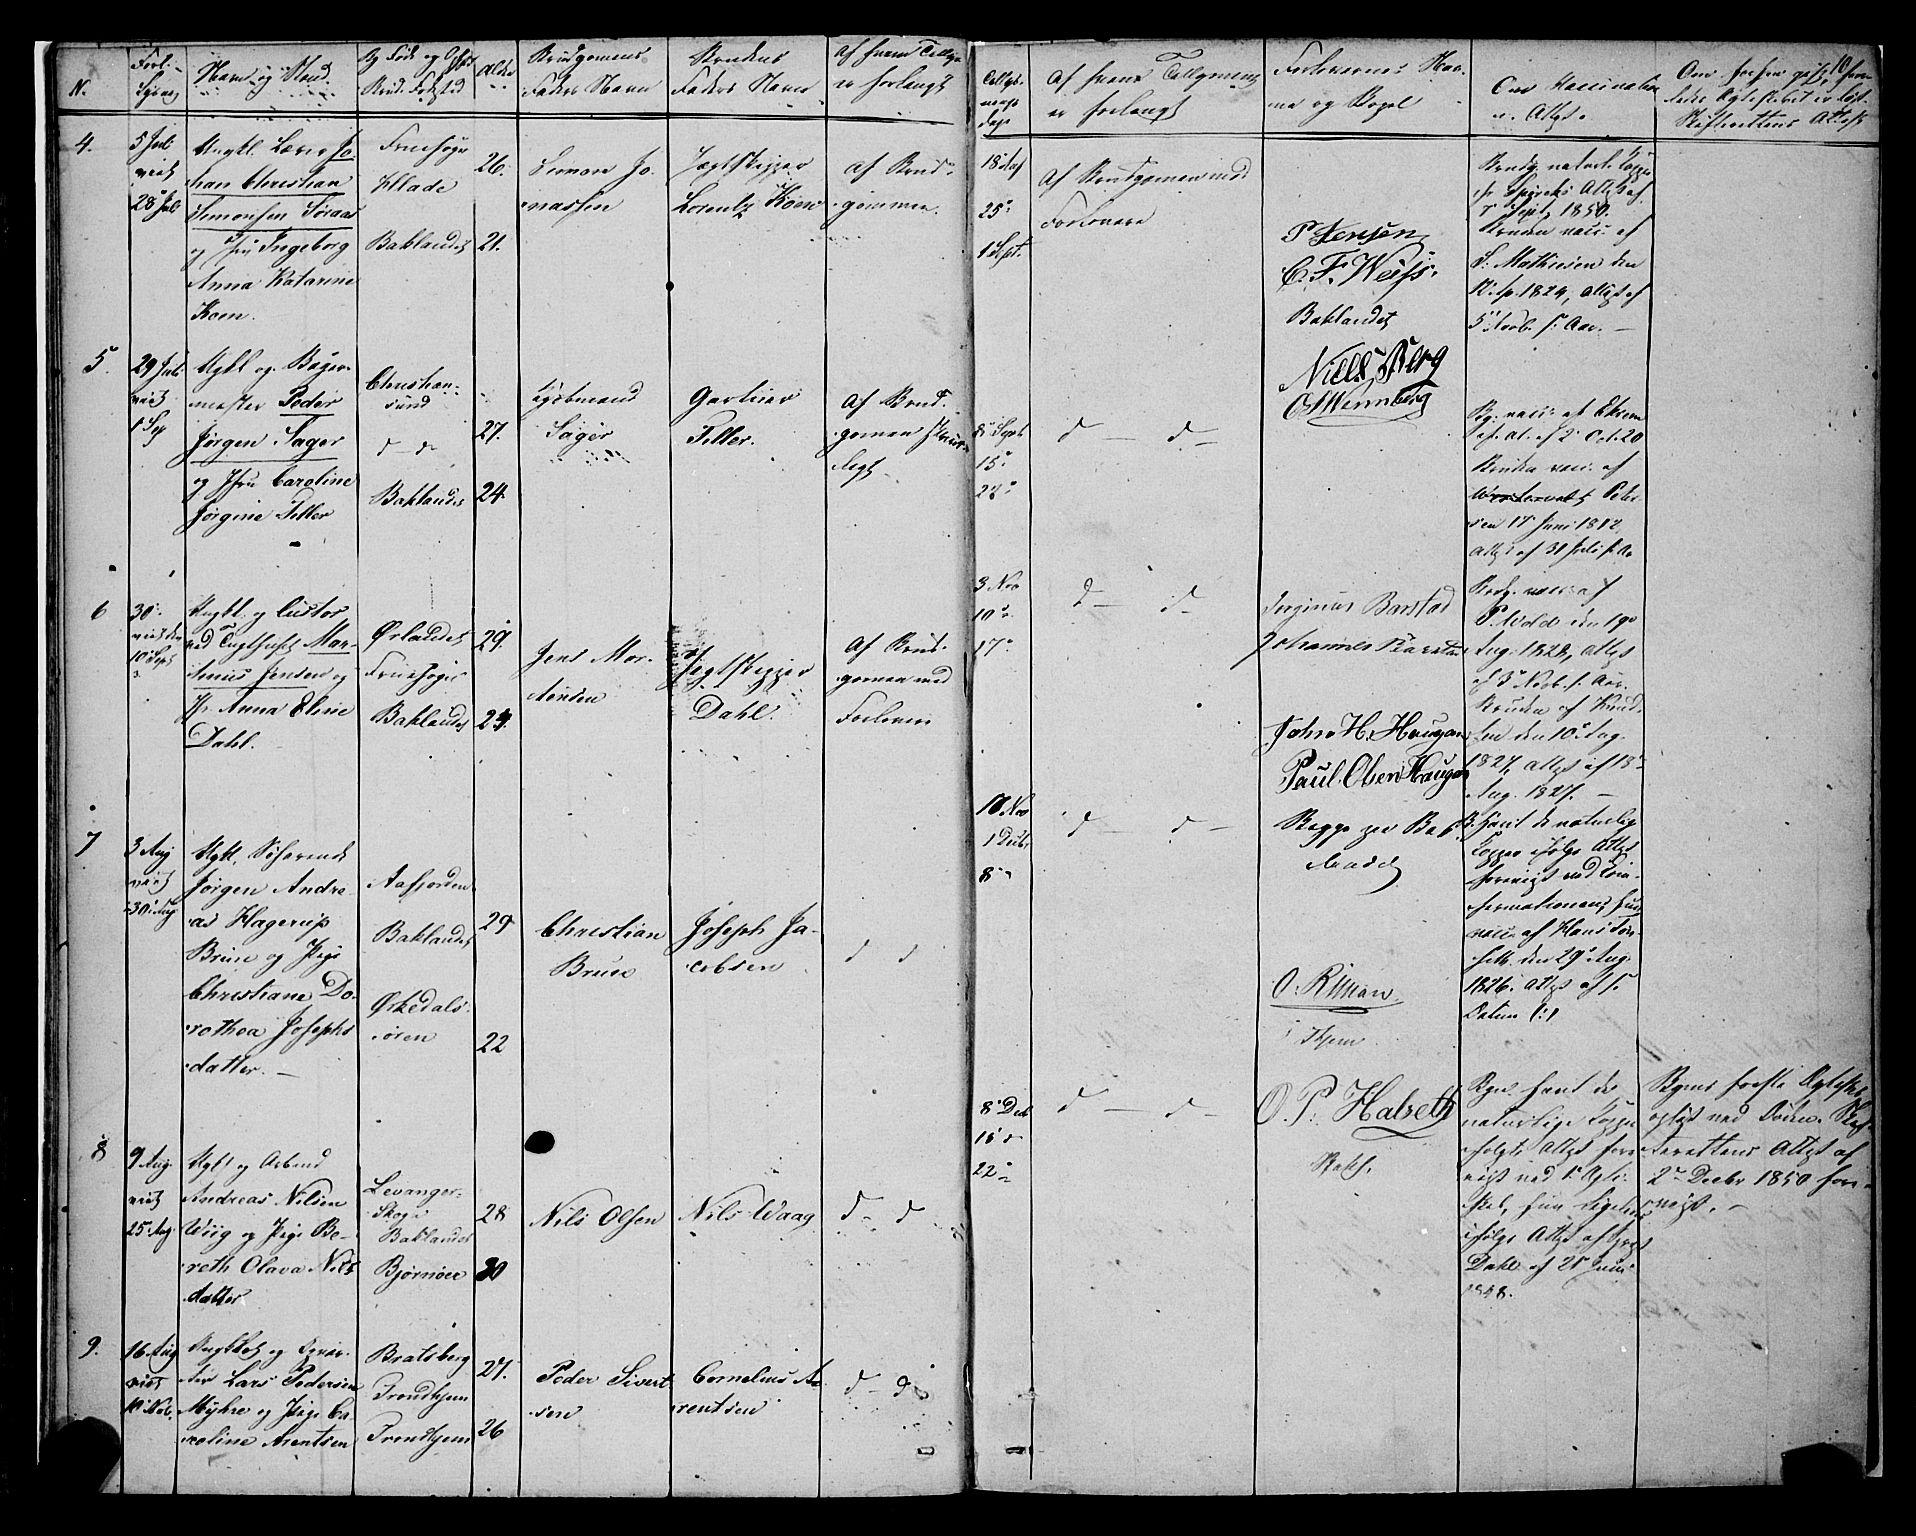 SAT, Ministerialprotokoller, klokkerbøker og fødselsregistre - Sør-Trøndelag, 604/L0187: Ministerialbok nr. 604A08, 1847-1878, s. 10